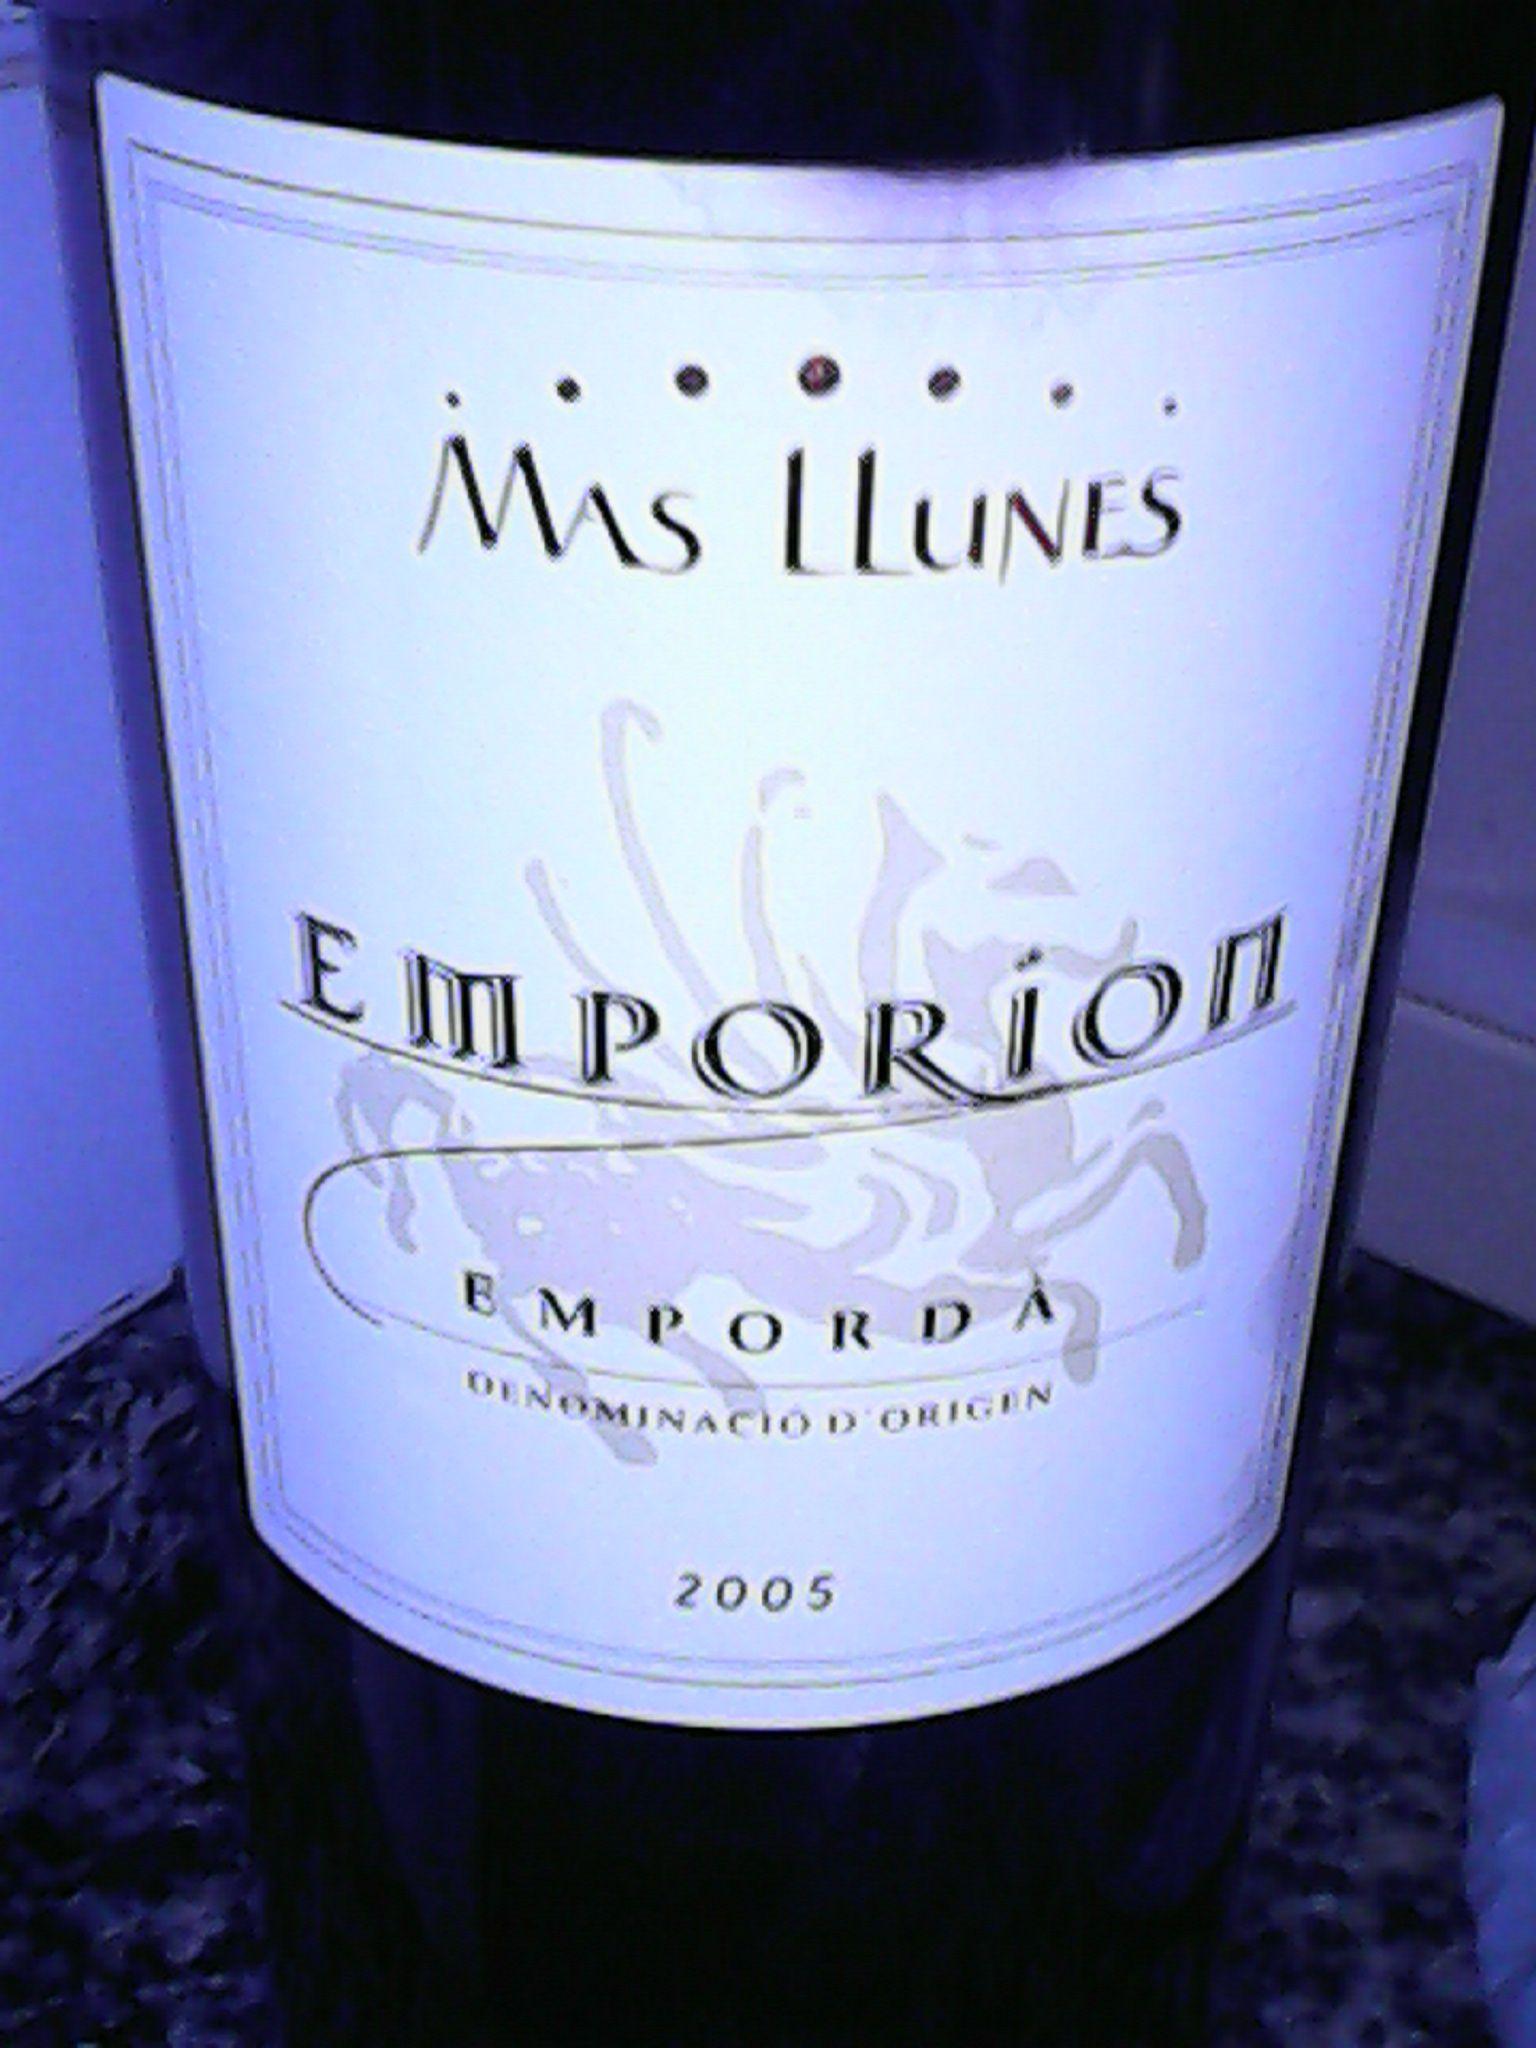 Emporion es una marca de vi. Emporion en català es Empúries, que significa mercat. Va ser una ciutat grega i romana fundada al 575 a.C per Focea per tal de comerciar. Avui en dia hi viu gent a Empúries i hi ha les ruÏnes d'Empúries on encara es conserven restes de la ciutat grega.